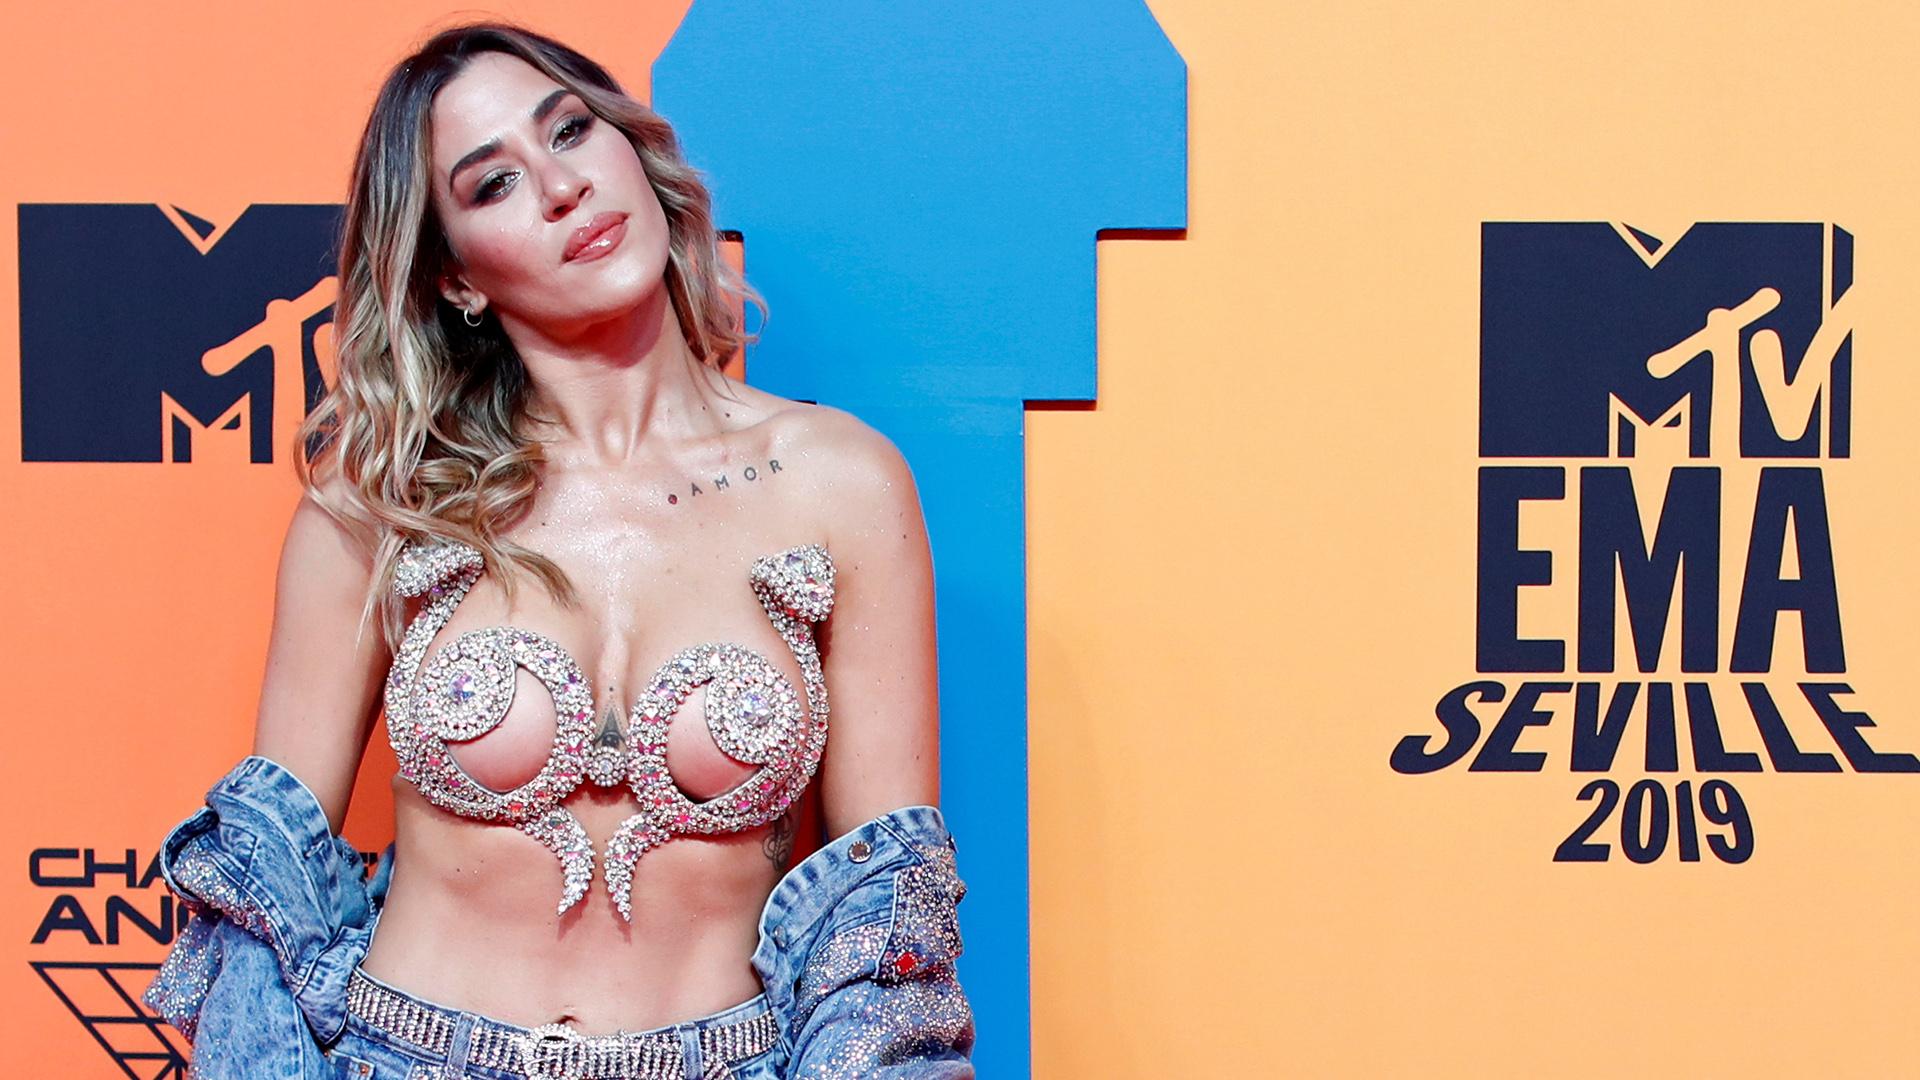 Jimena Barón -ganadora como Mejor Artista Latinoamérica Sur- posa en la alfombra roja los MTV Europe Music Awards 2019. La argentina se impuso sobre los otros nominados: Lali, Tini, Cazzu y Paulo Londra